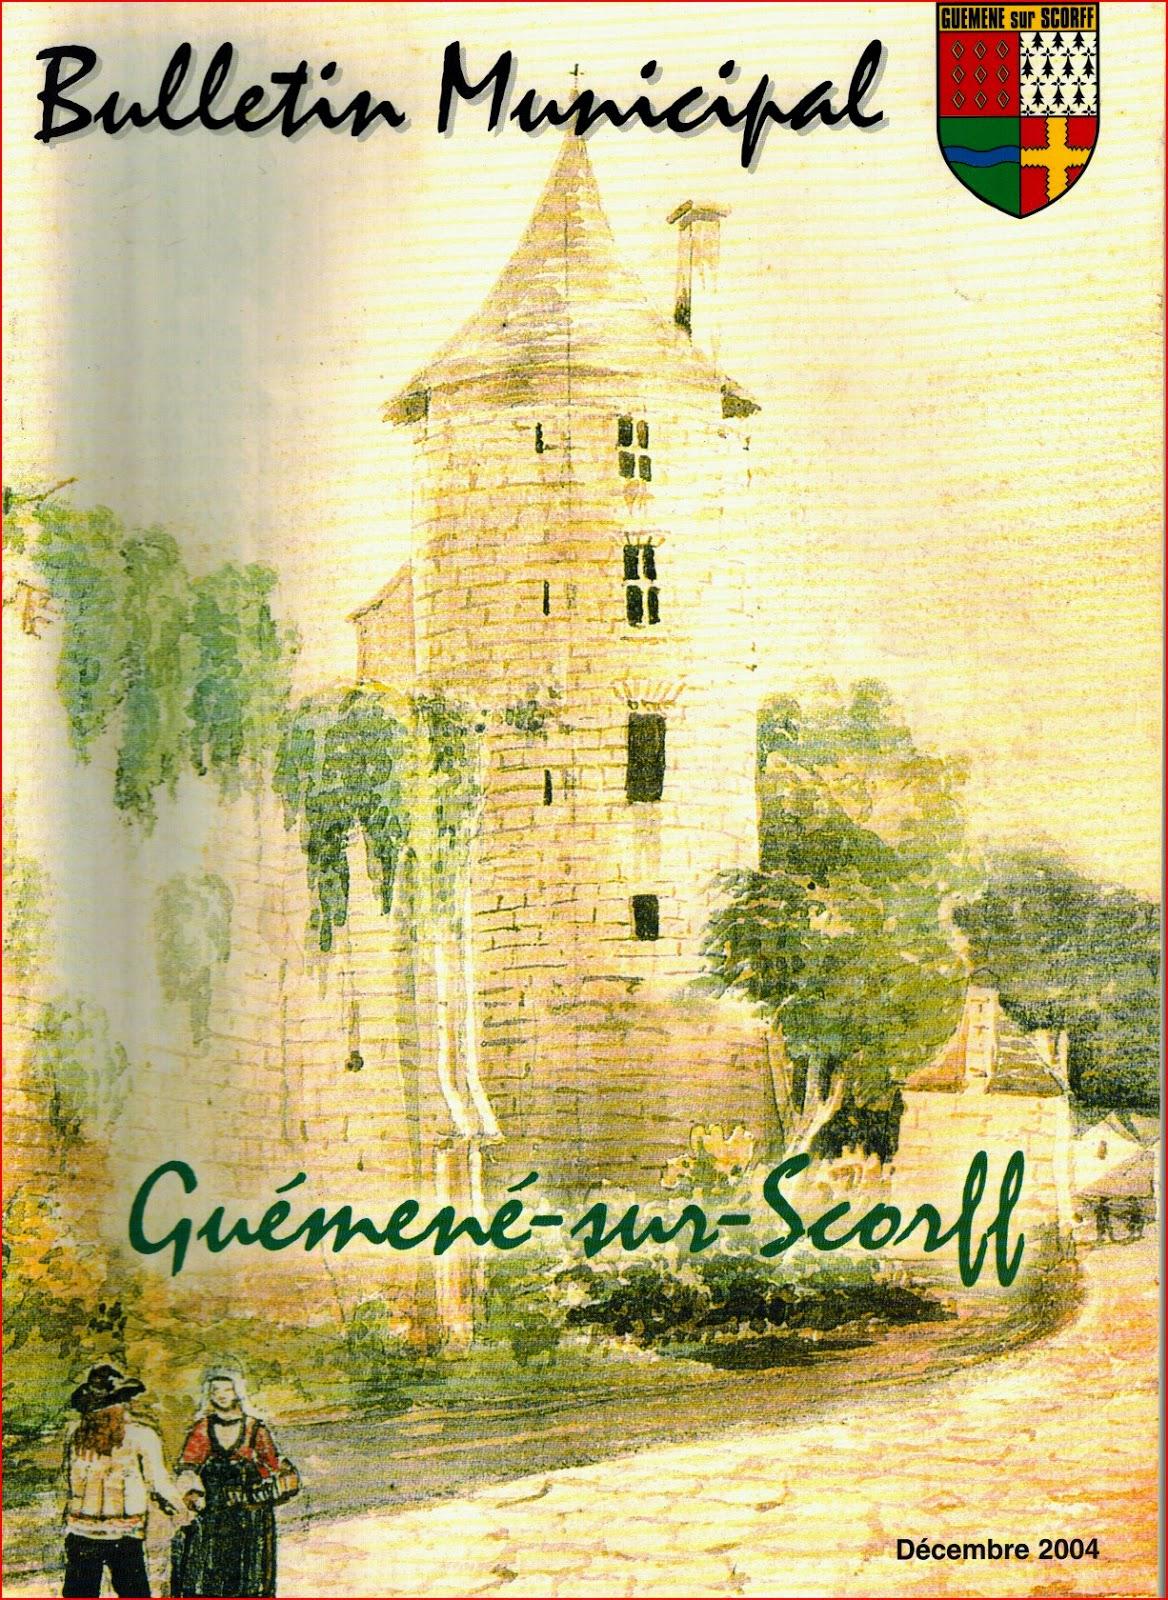 http://fr.calameo.com/read/000412841a2b3822976f8